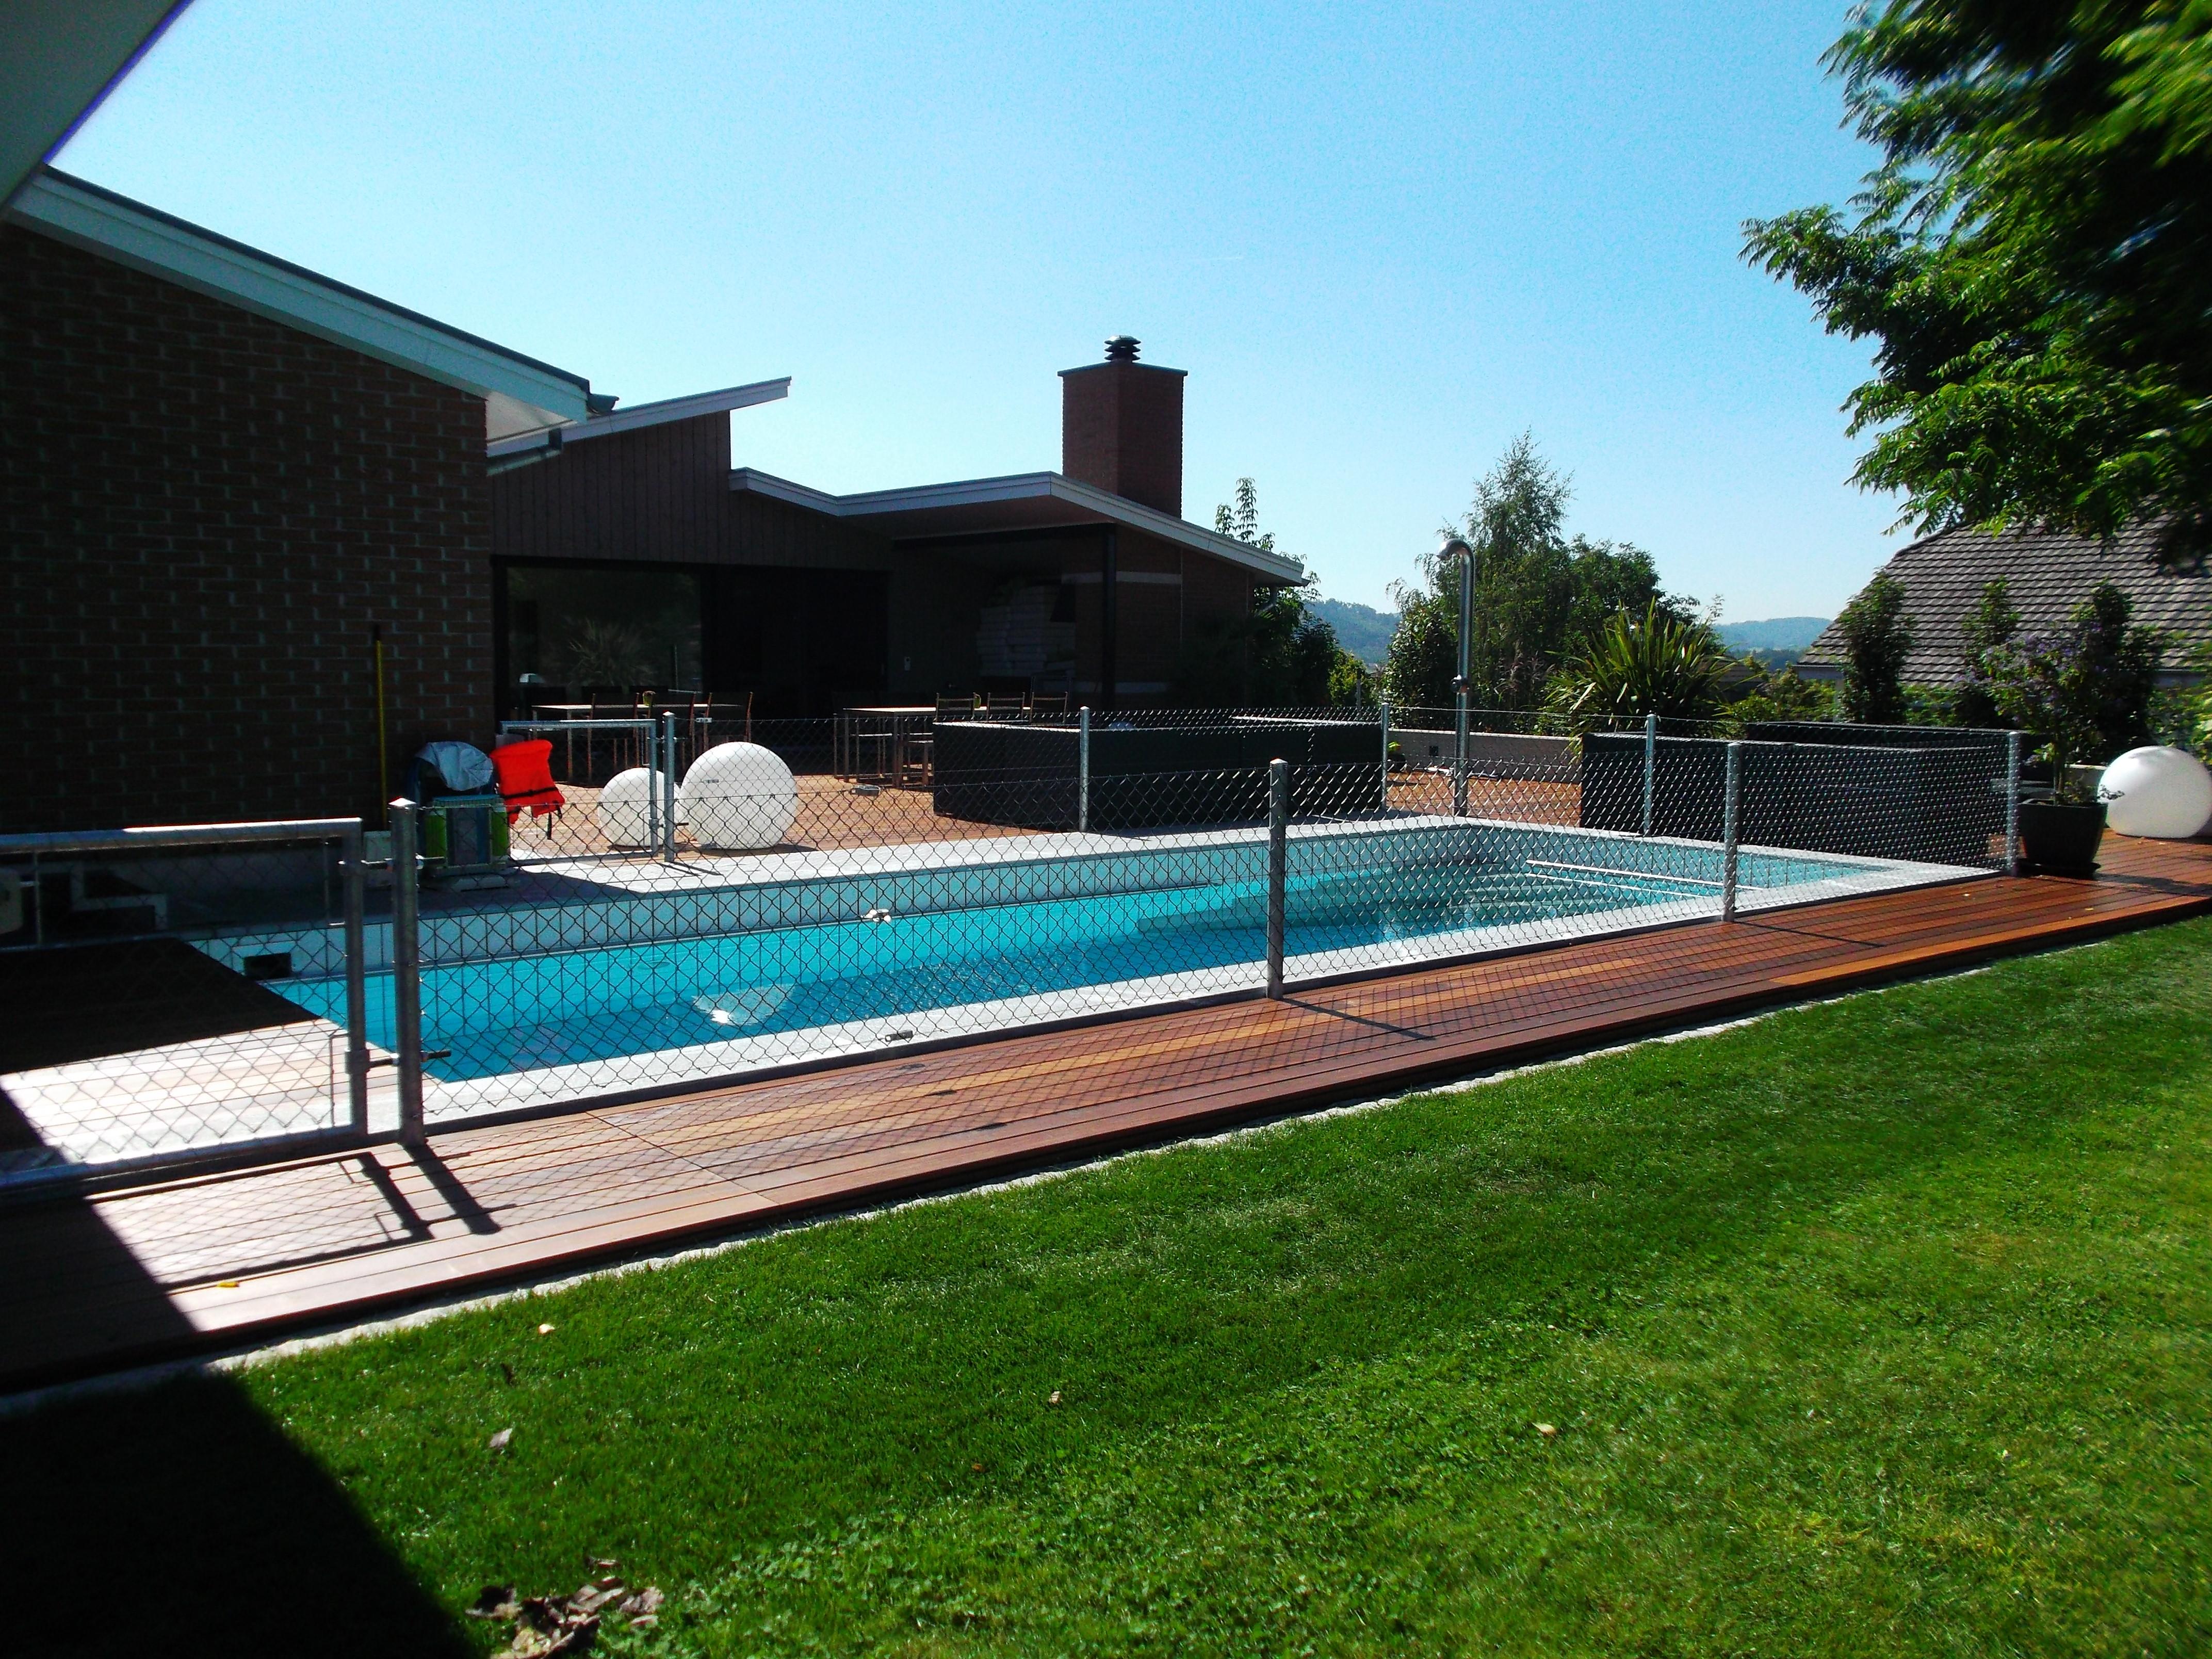 Diagonalgeflechtzaun zur Poolsicher